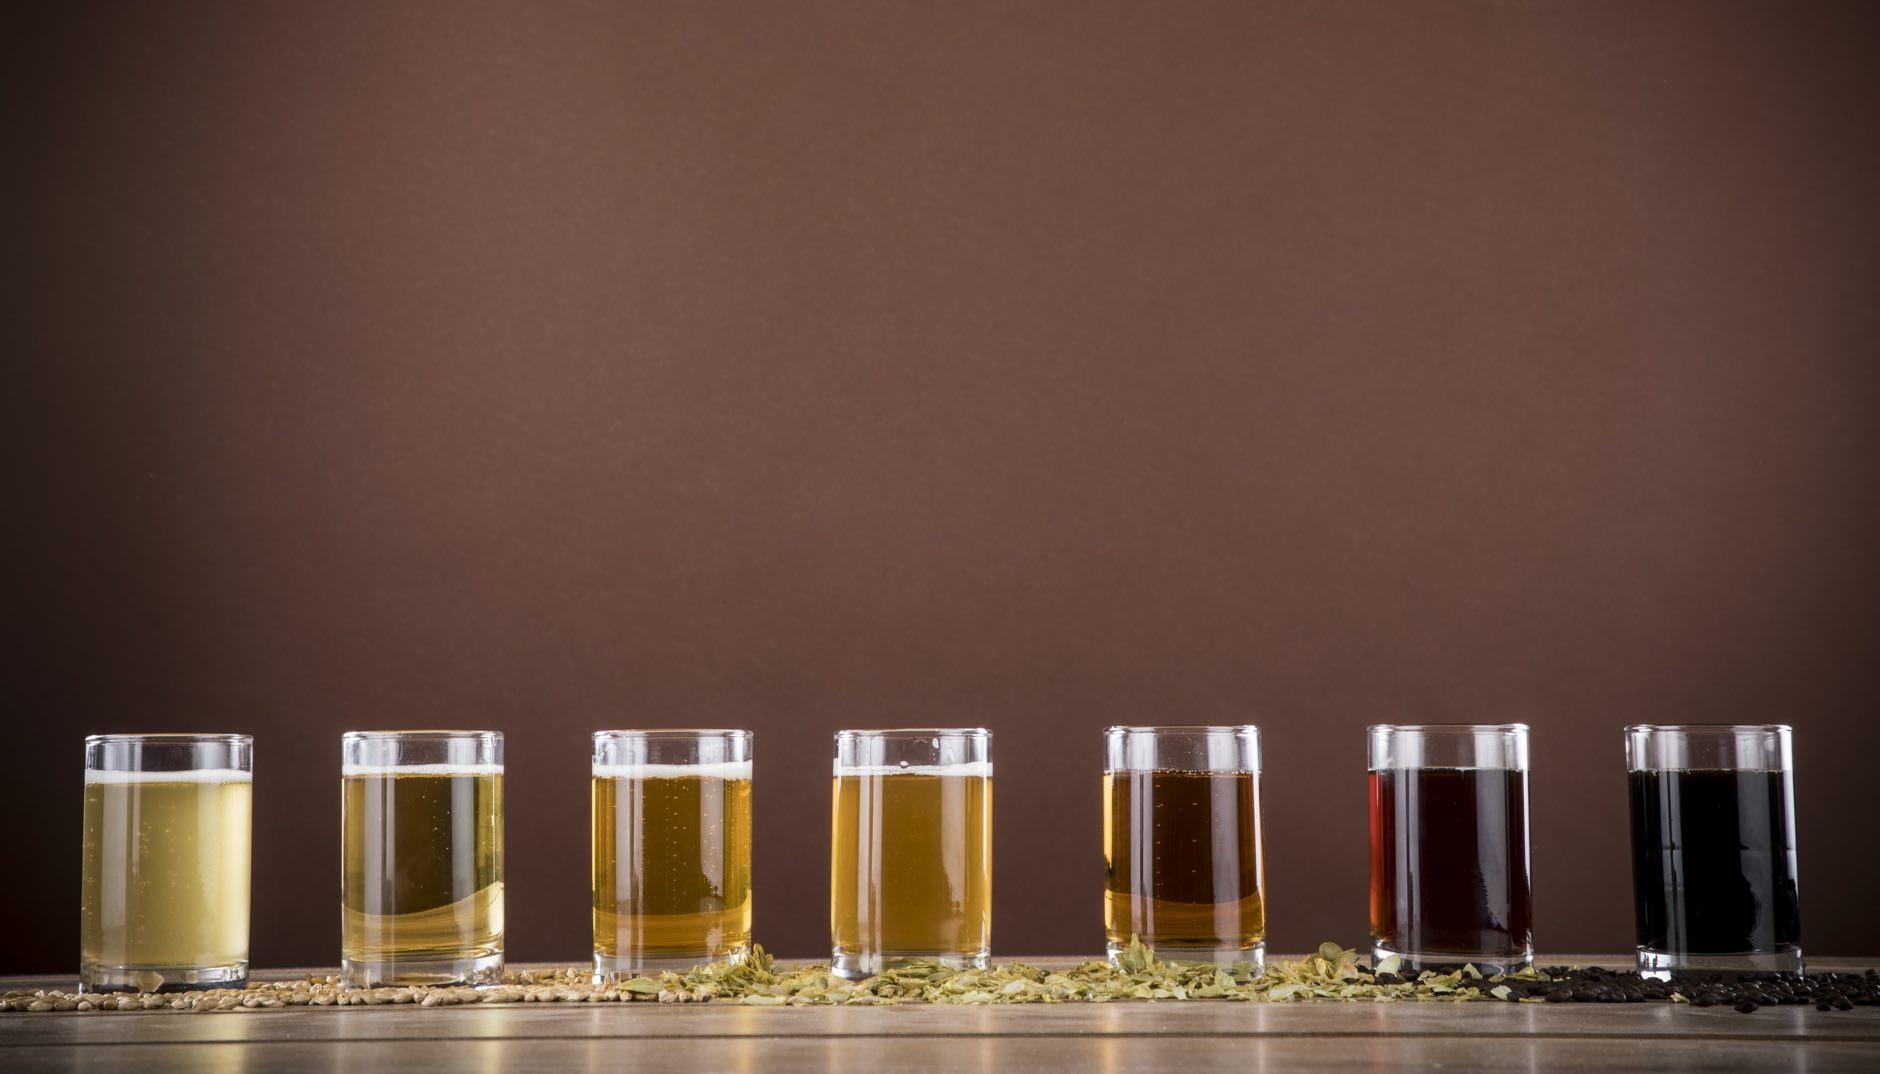 Cervecerías Mexicanas innovan y crean sabores únicos para cerrar el 2020